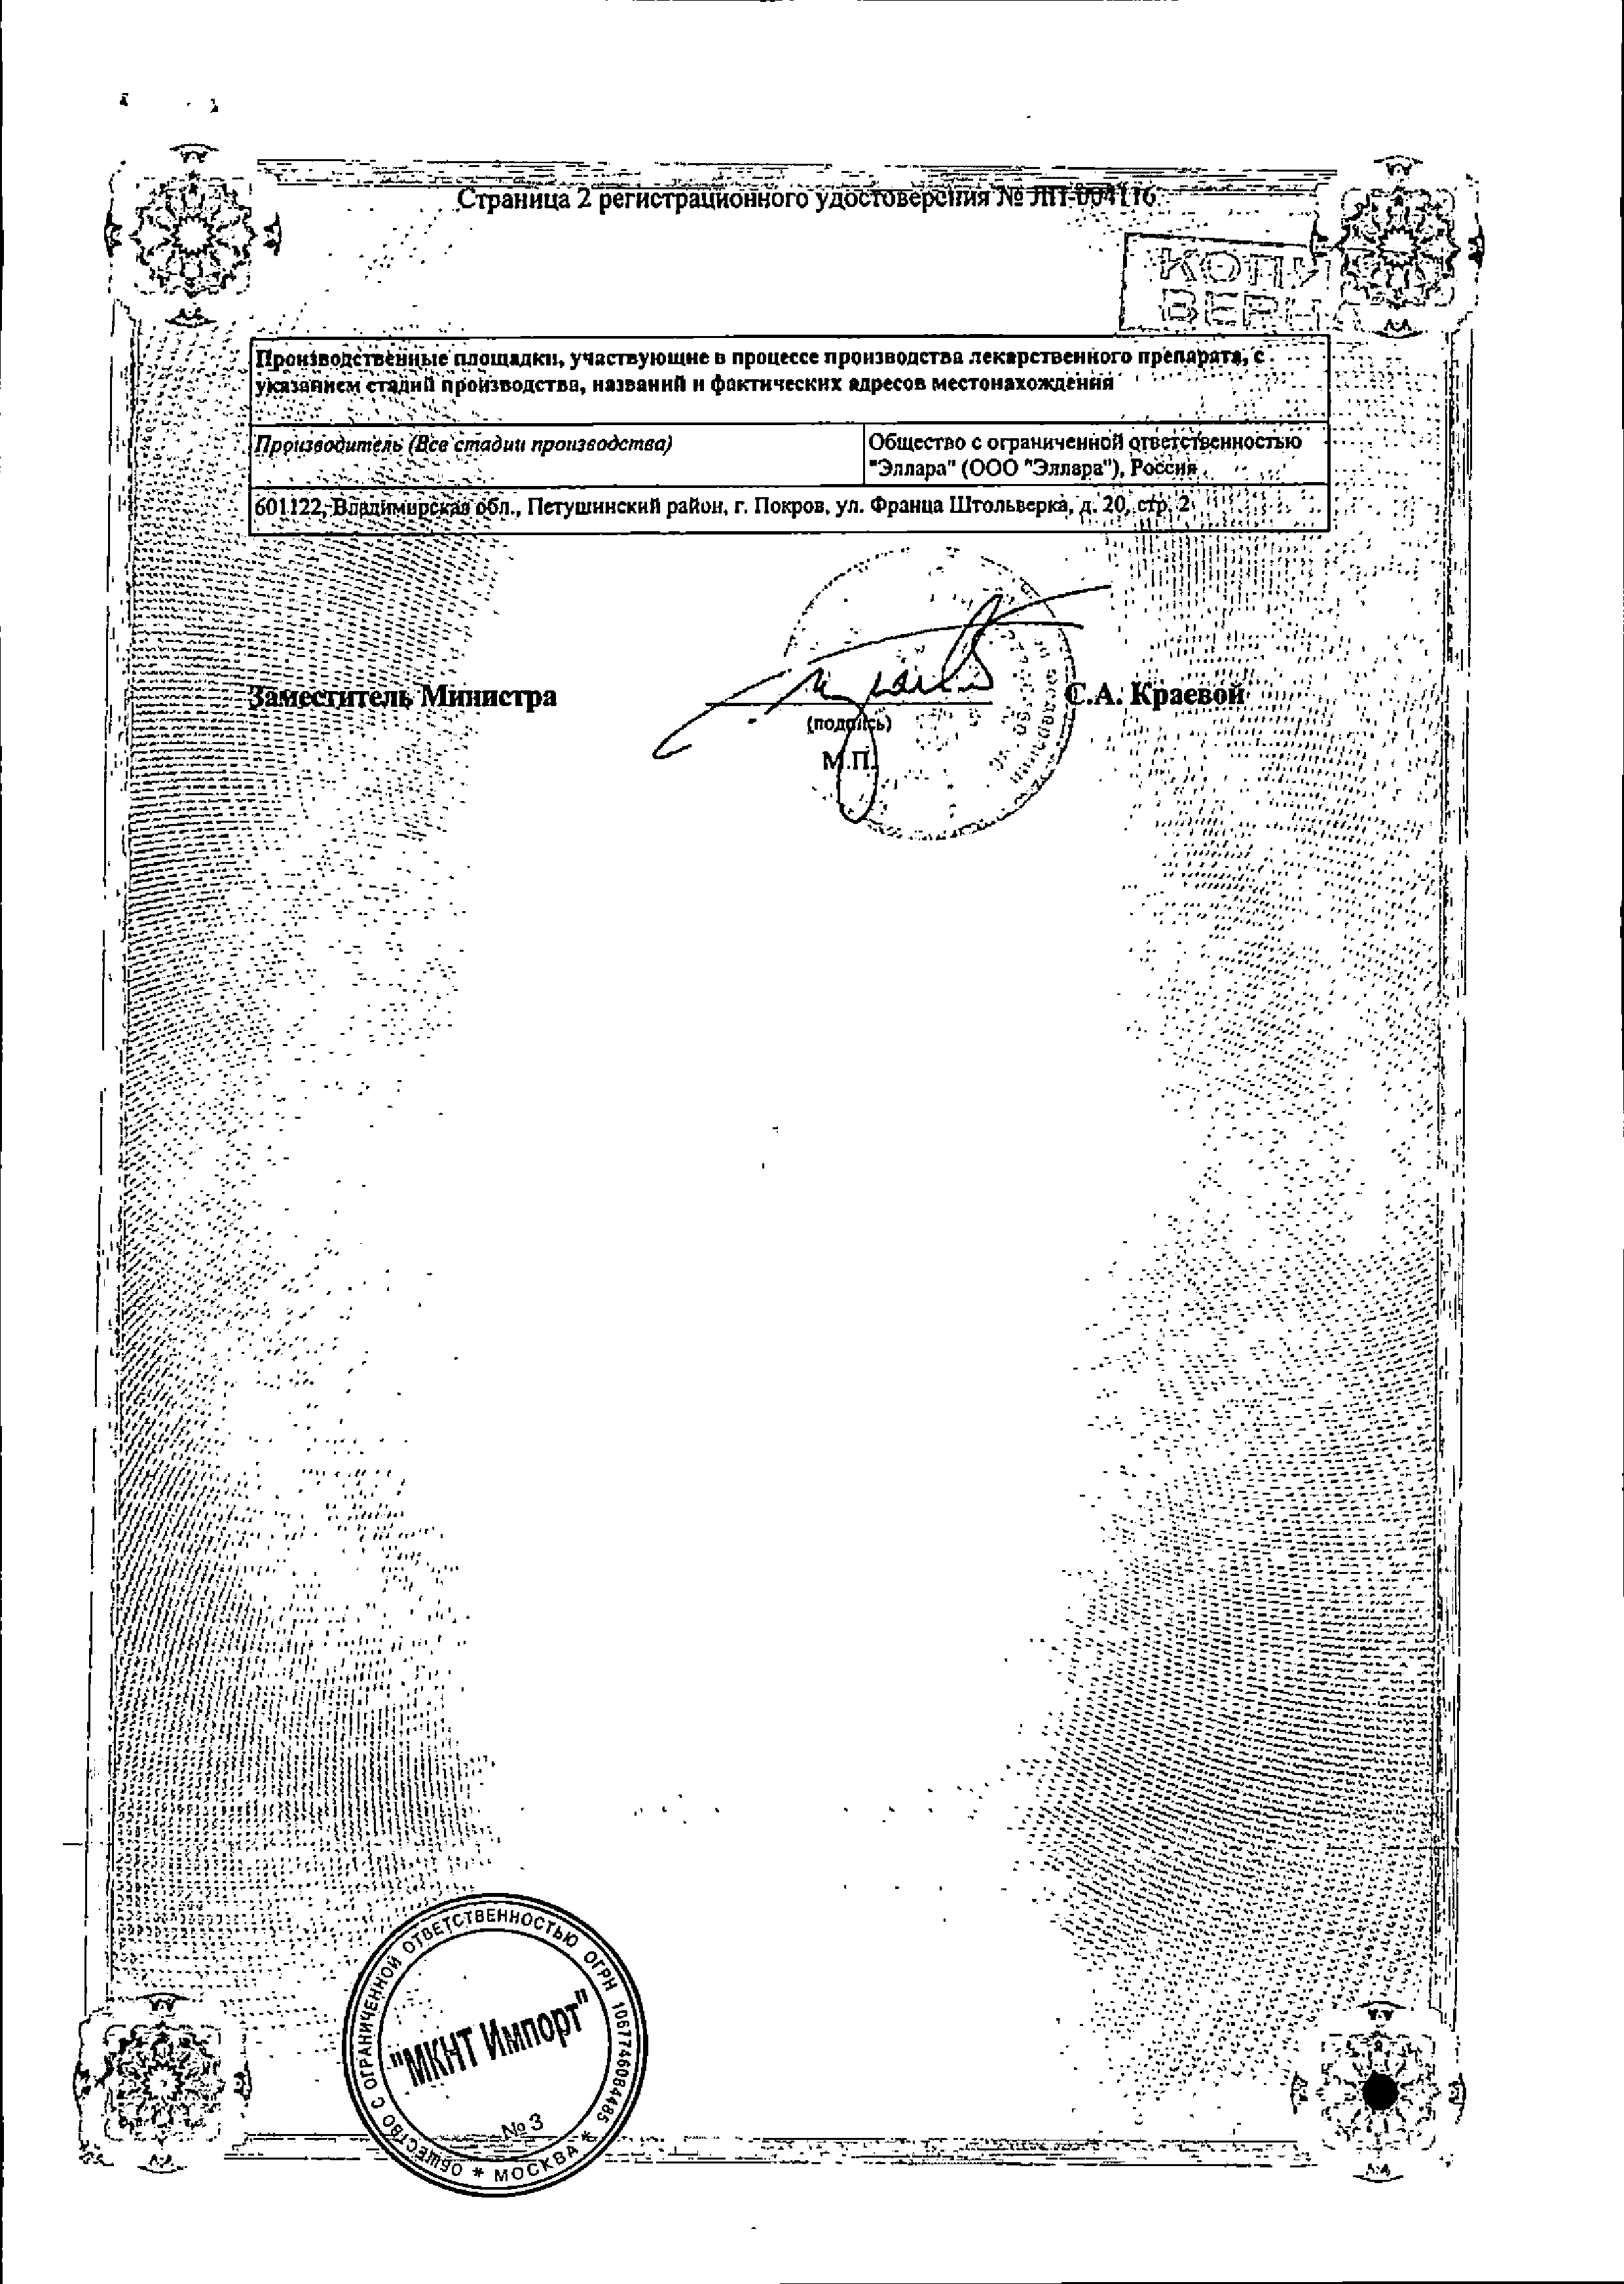 Инъектран сертификат